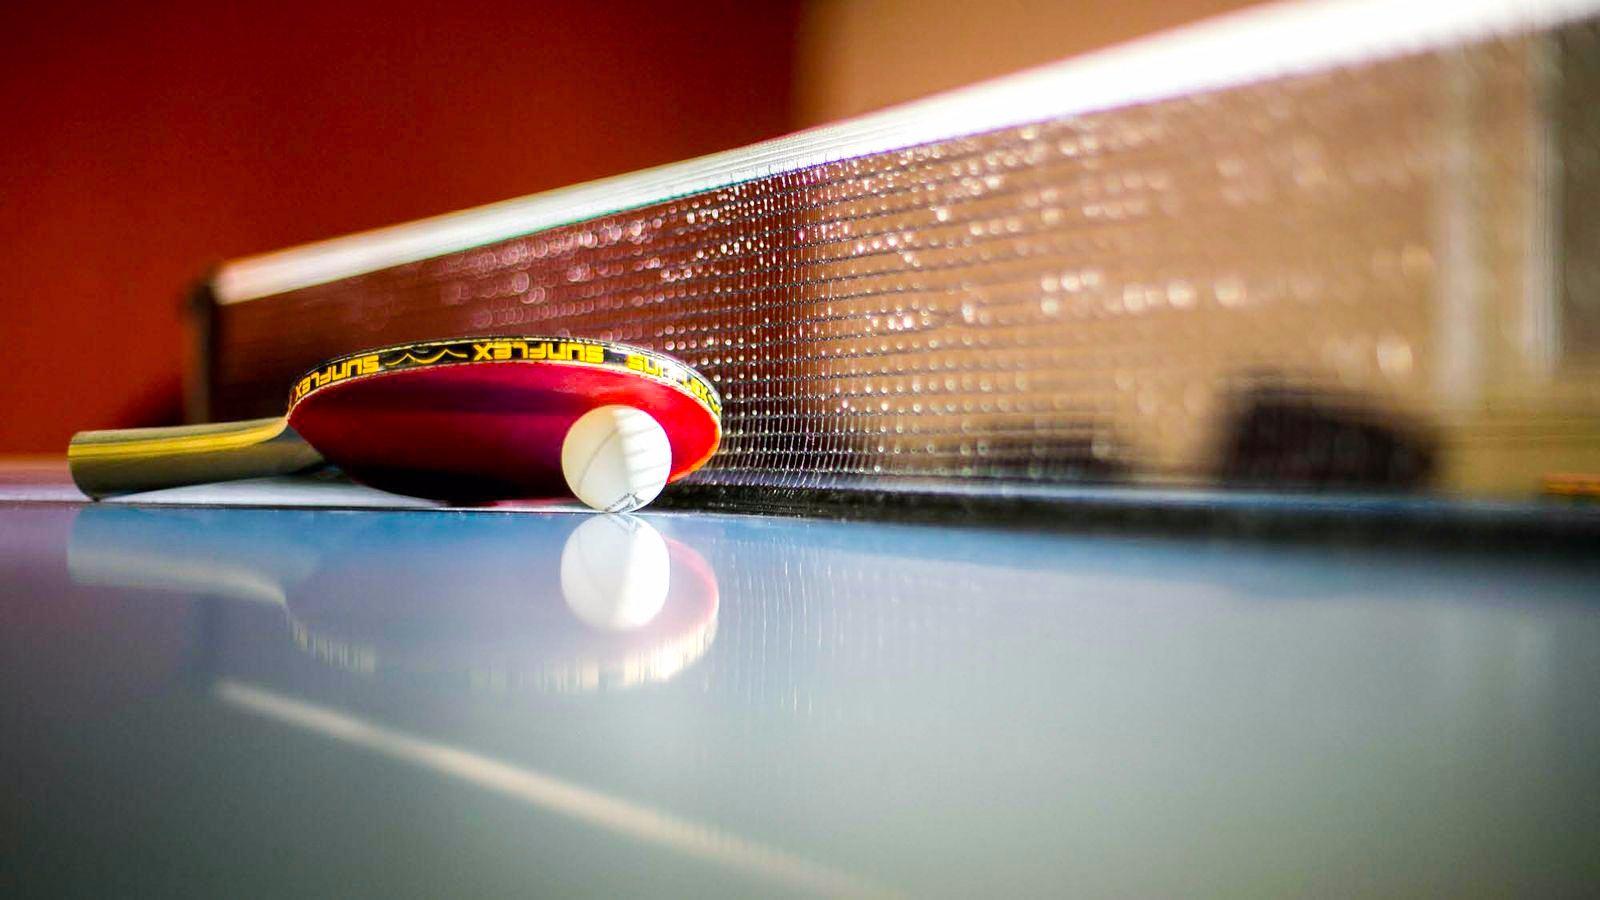 картинка пинг понга еще сильнее привязать